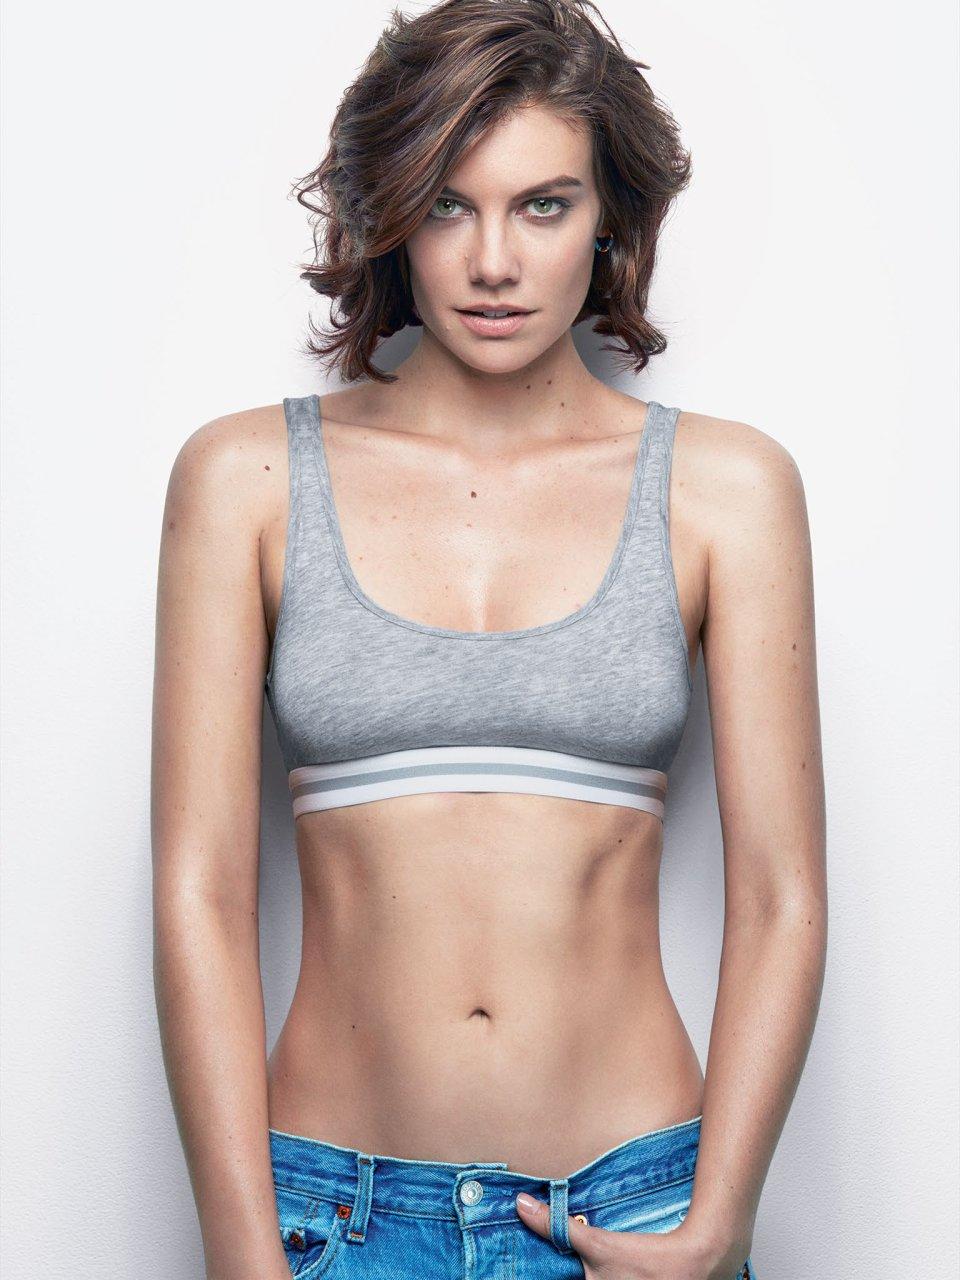 nude Lauren cohan